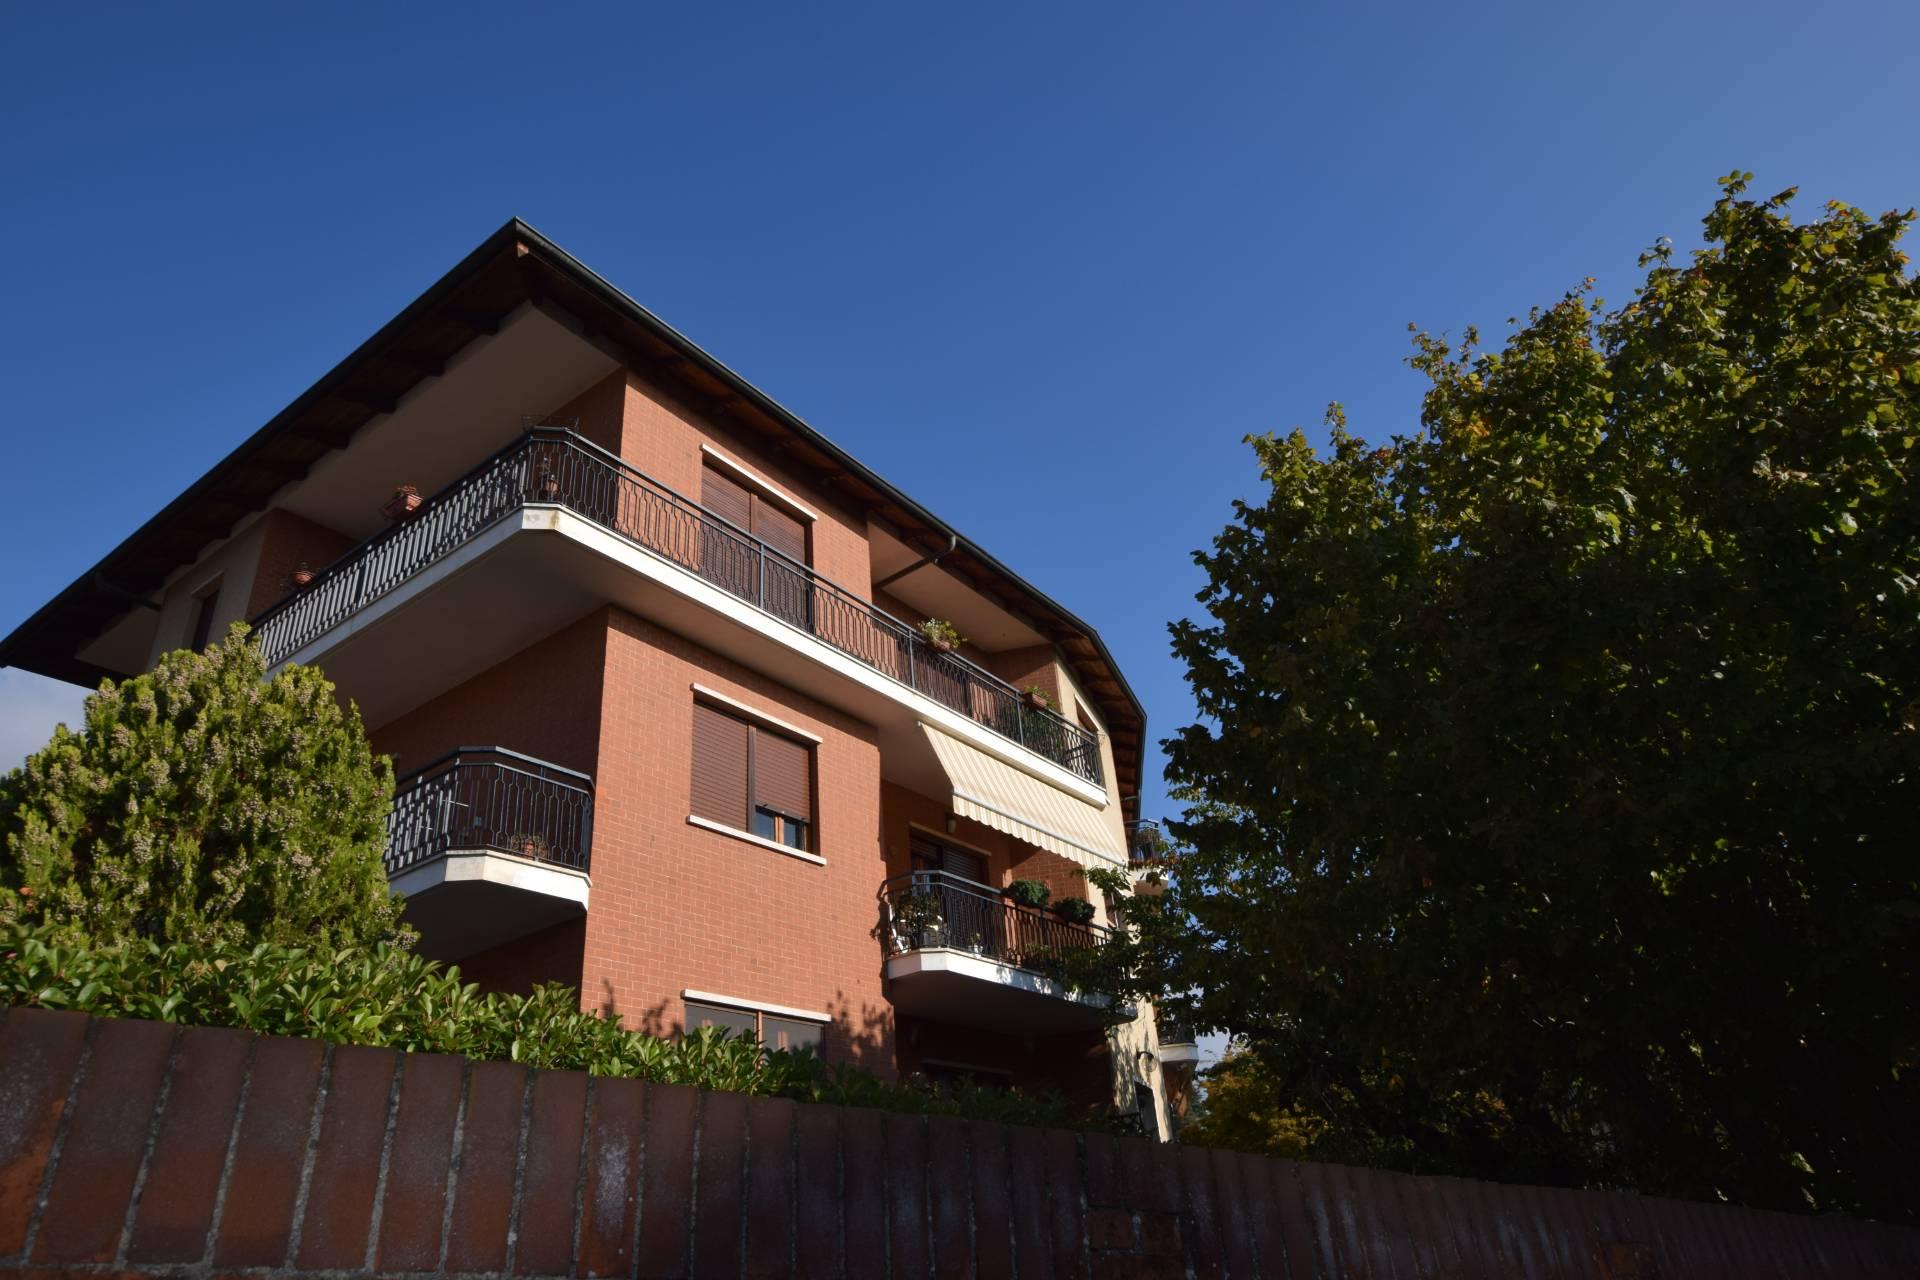 Comune Di Pecetto Torinese appartamento in vendita a pecetto torinese cod. nuo v000386